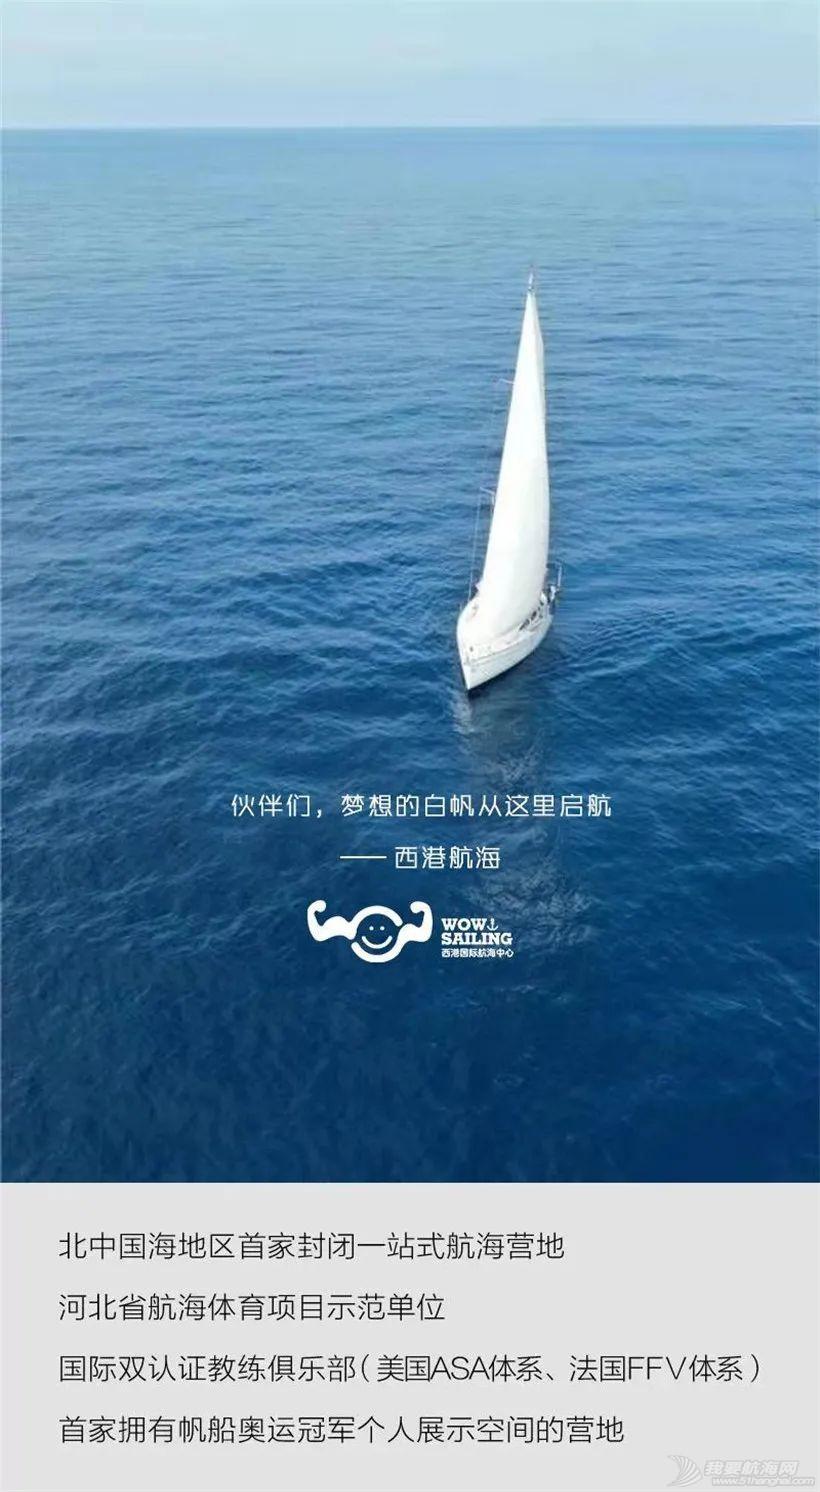 2021帆船夏令营之华北篇 中帆协小帆船认证培训中心营业啦①w20.jpg